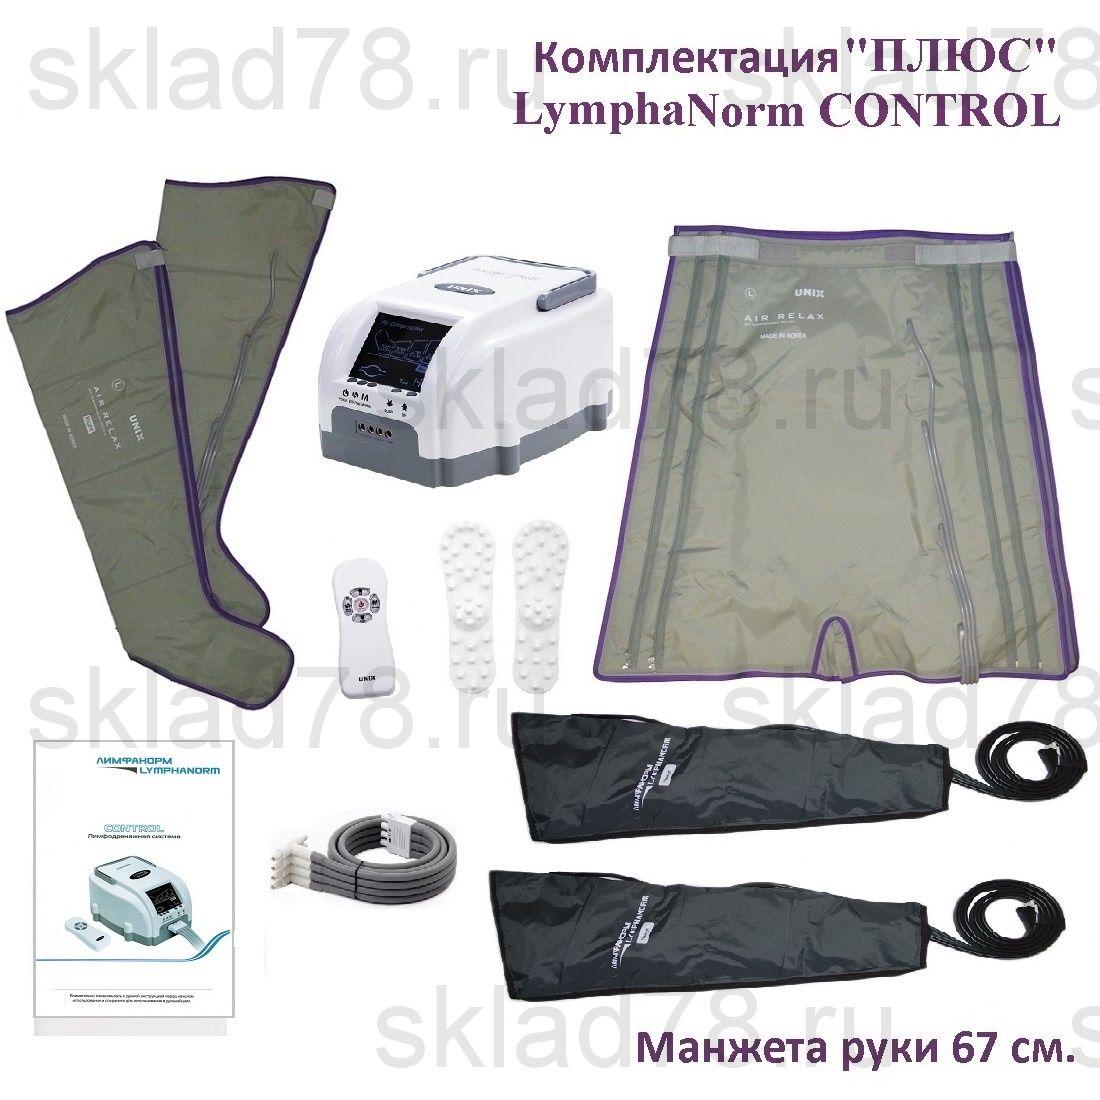 LymphaNorm CONTROL Лимфодренаж «ПЛЮС» (руки 67 см.)